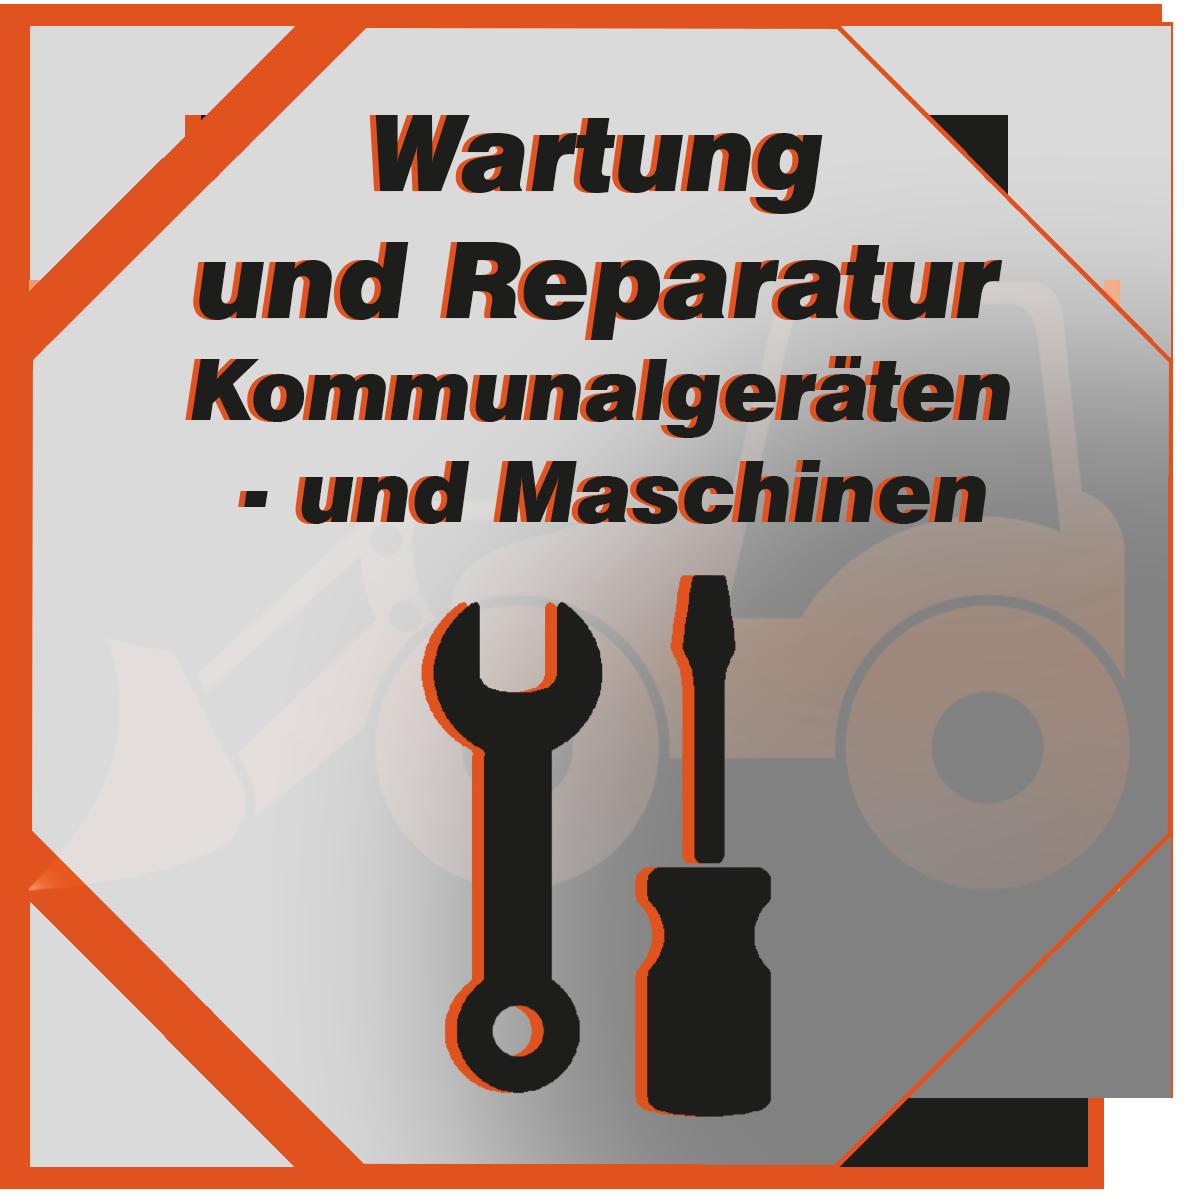 Wartung und Reparatur von Kommunalmaschinen und Gerätem, sowie Forst- und Gartentechnik